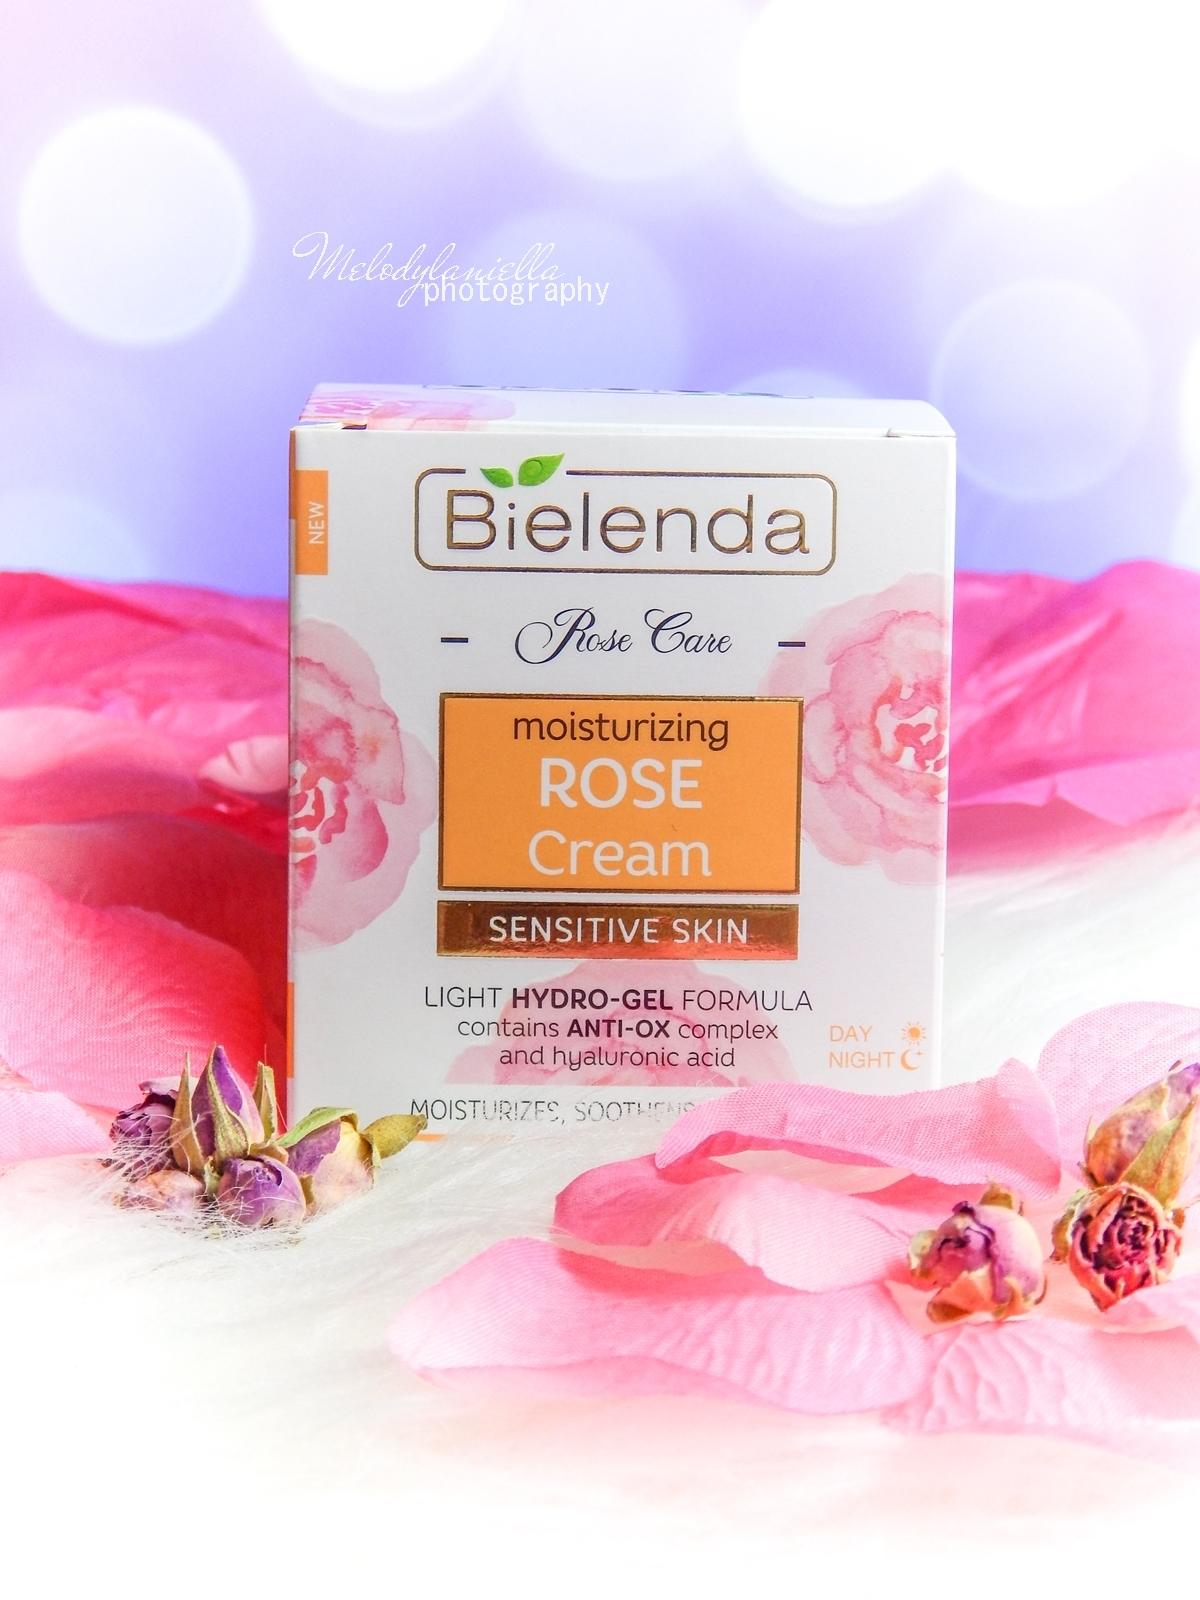 6 Bielenda rose care różany krem do twarzy recenzja kojąca woda różana 3w1 olejek różany do mycia twarzy produkty bielenda seria różana melodylaniella test produktów kosmetycznych ciekawe blogi lifestyle